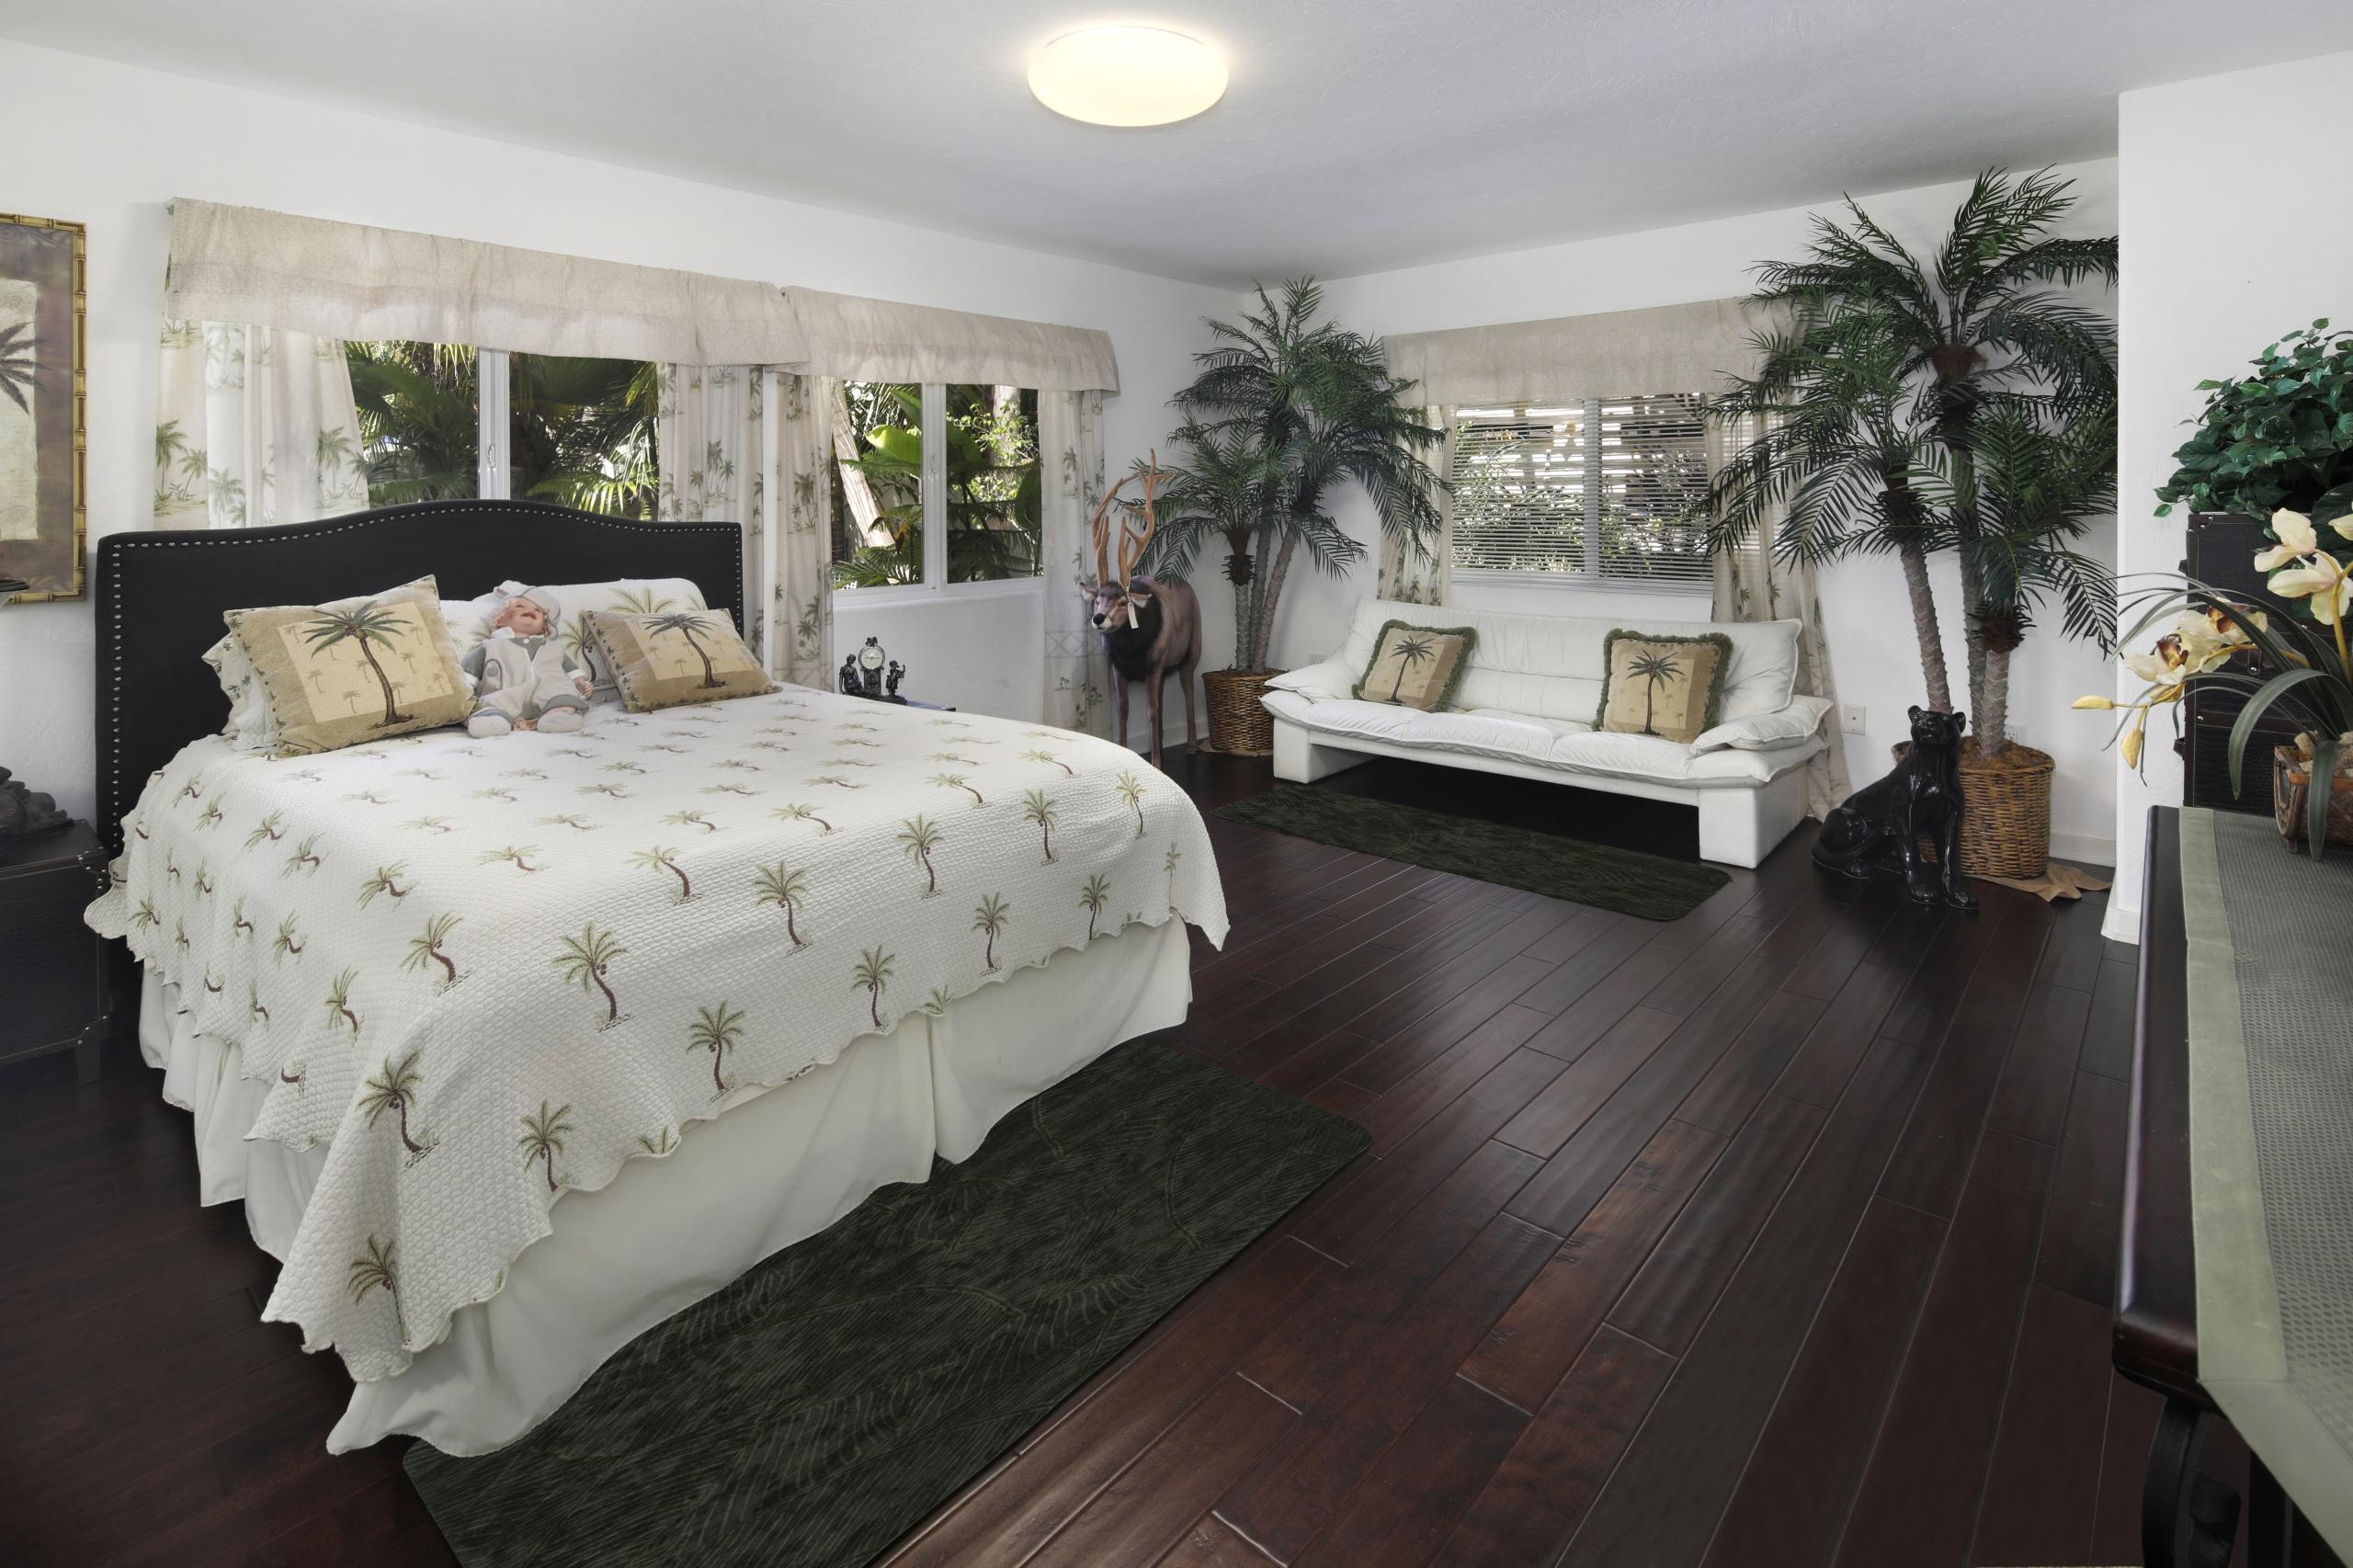 Фотография спальни Интерьер диване Кровать Подушки дизайна 2560x1706 Спальня спальне Диван кровате кровати подушка Дизайн